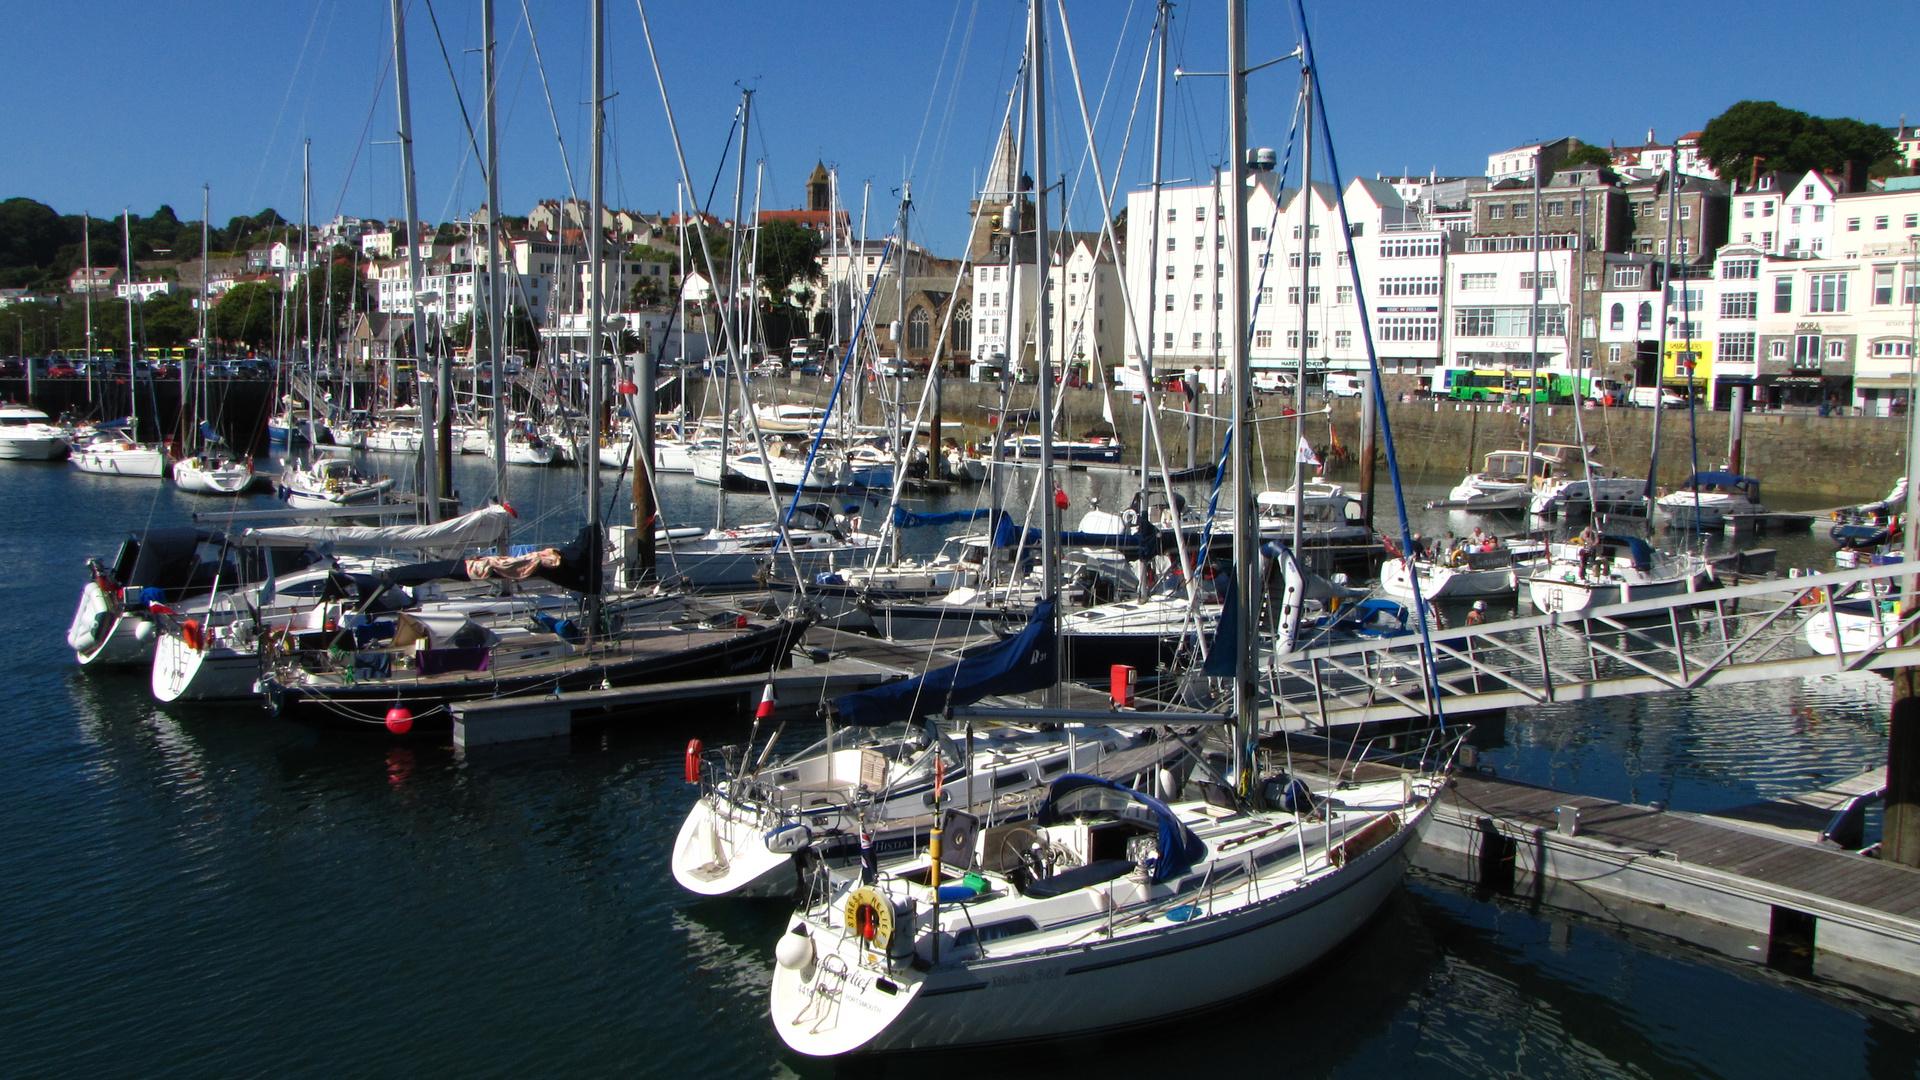 St. Peter Port, die Hauptstadt der britischen Kanalinsel Guernsey